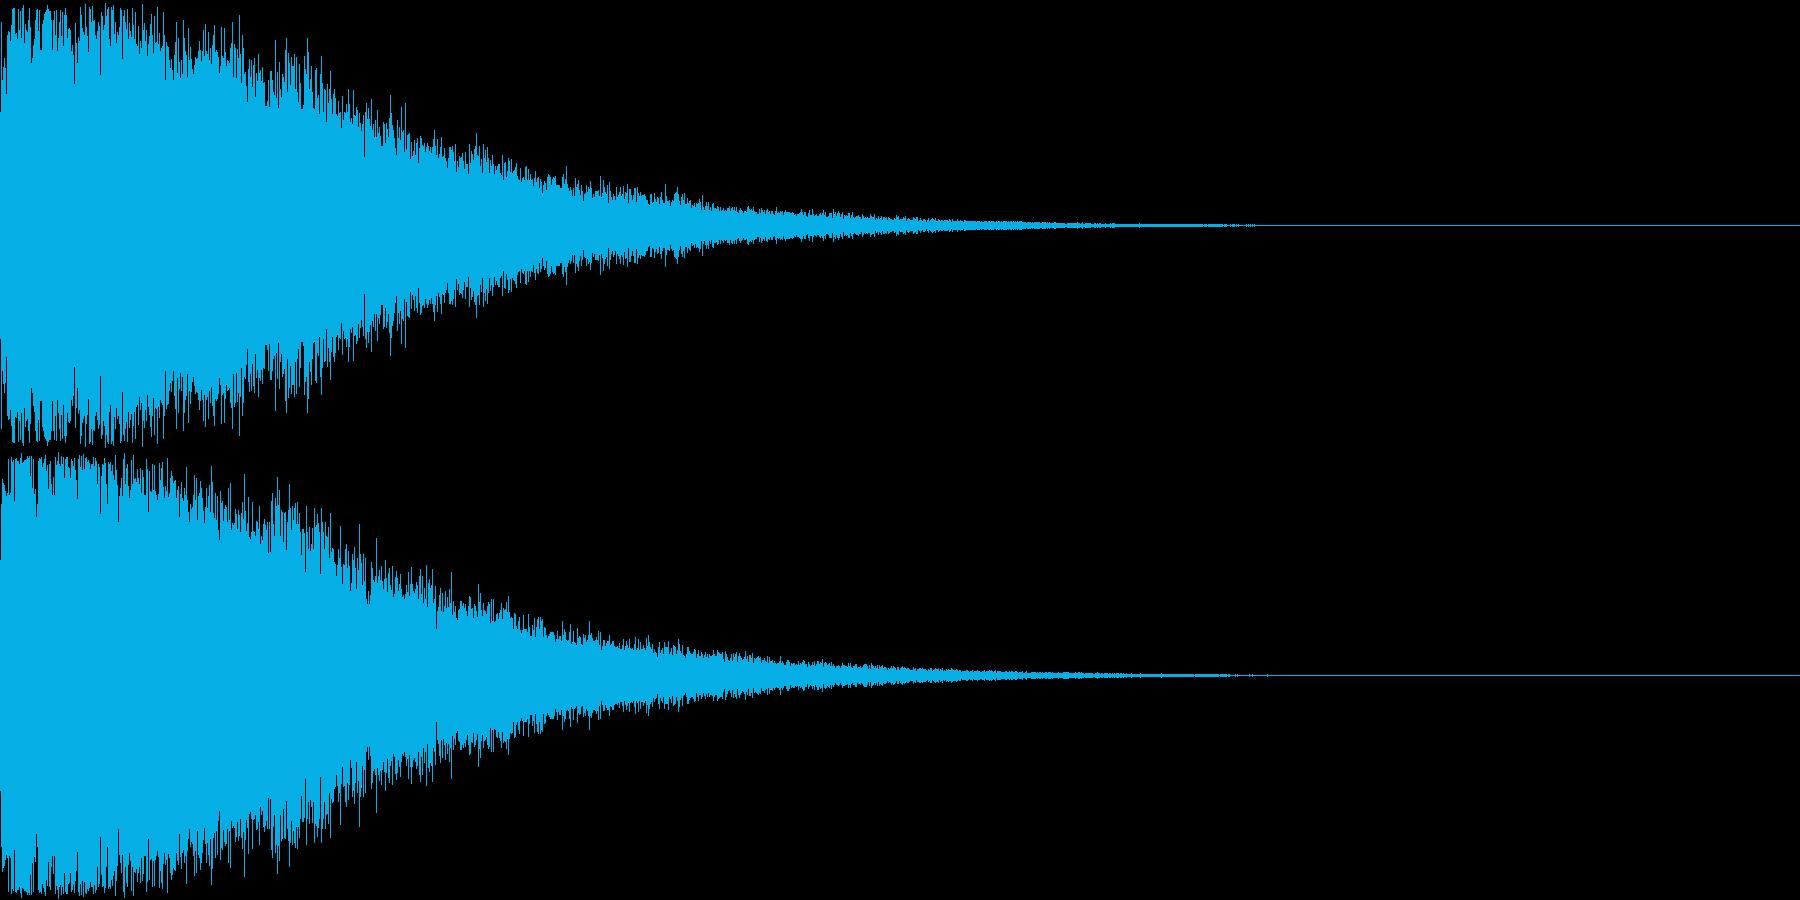 刀 剣 ソード カキーン キュイーン12の再生済みの波形